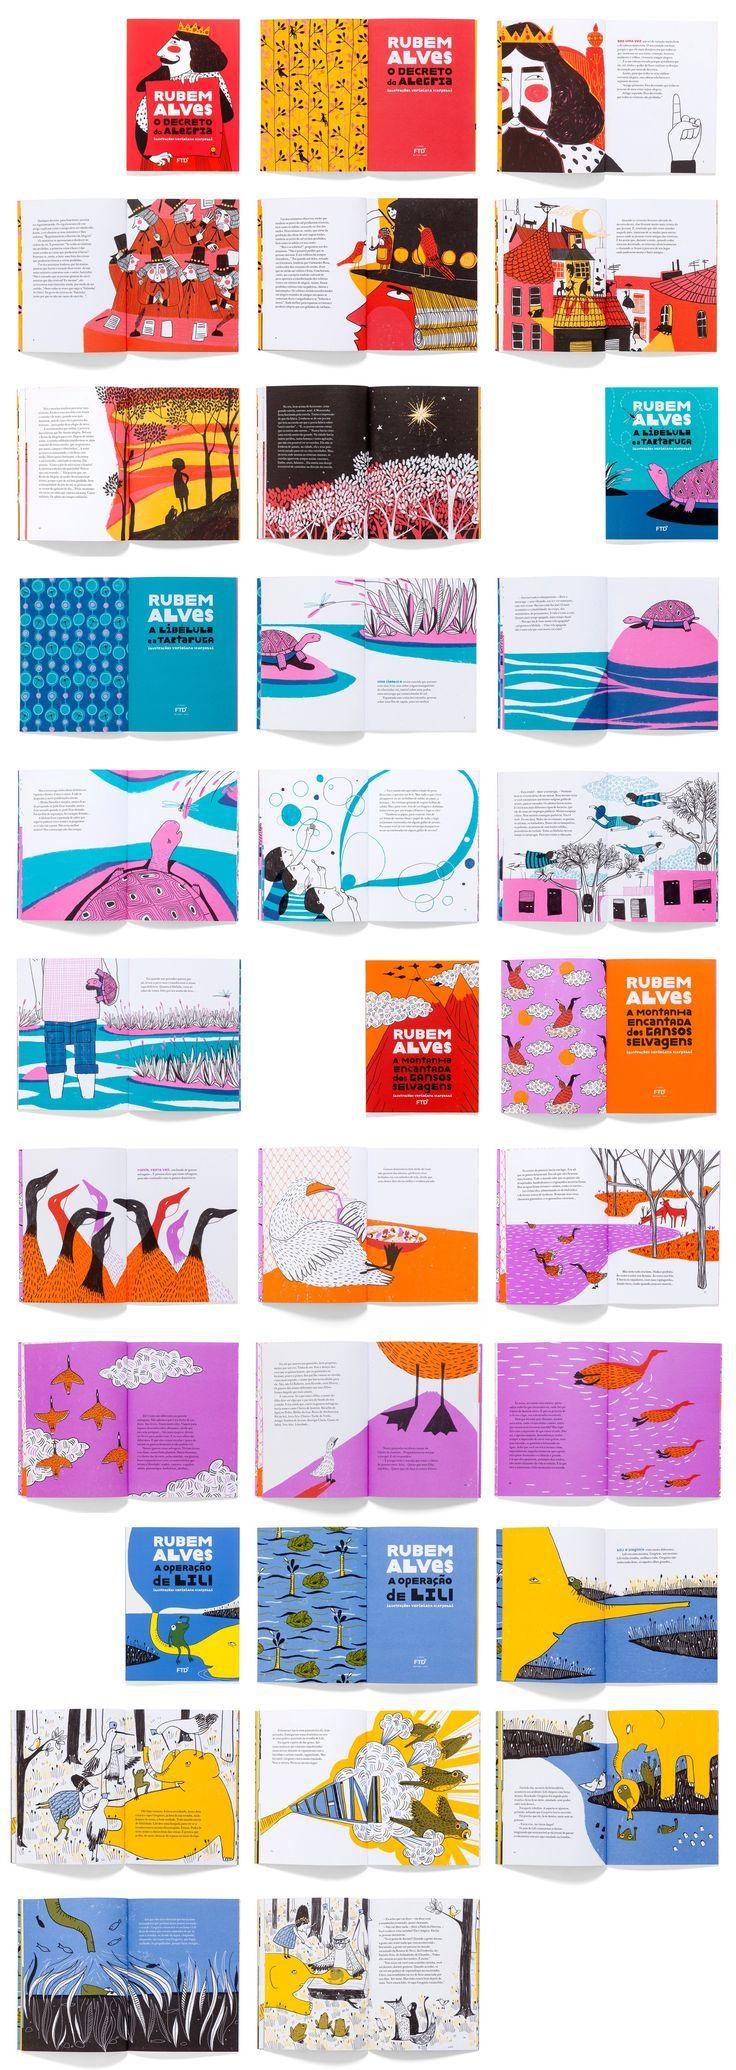 Livro infantil: fetiche dos designers?